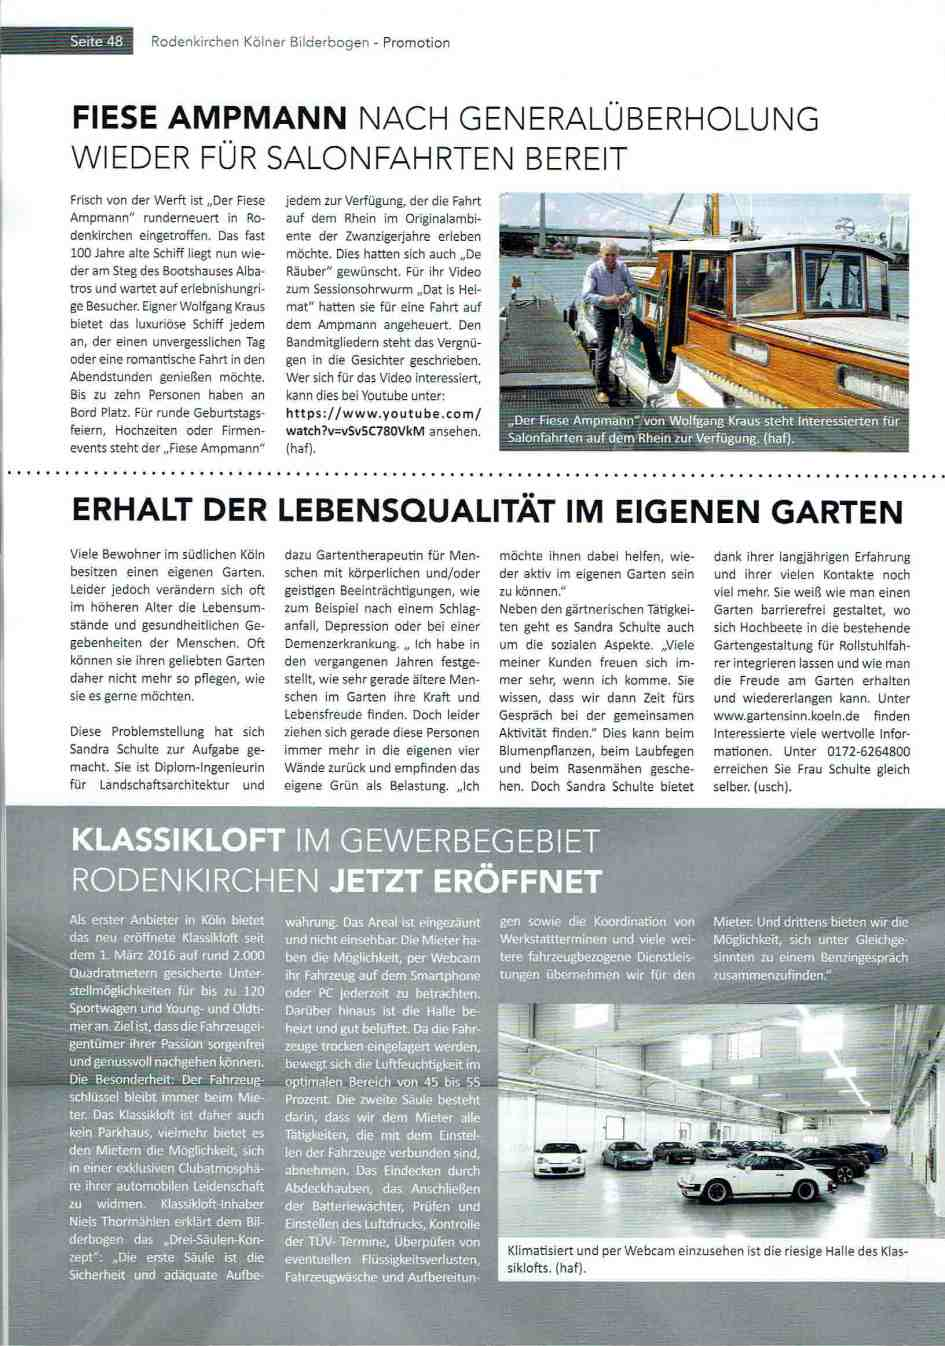 Artikel Bilderbogen 06.2016_Page_1